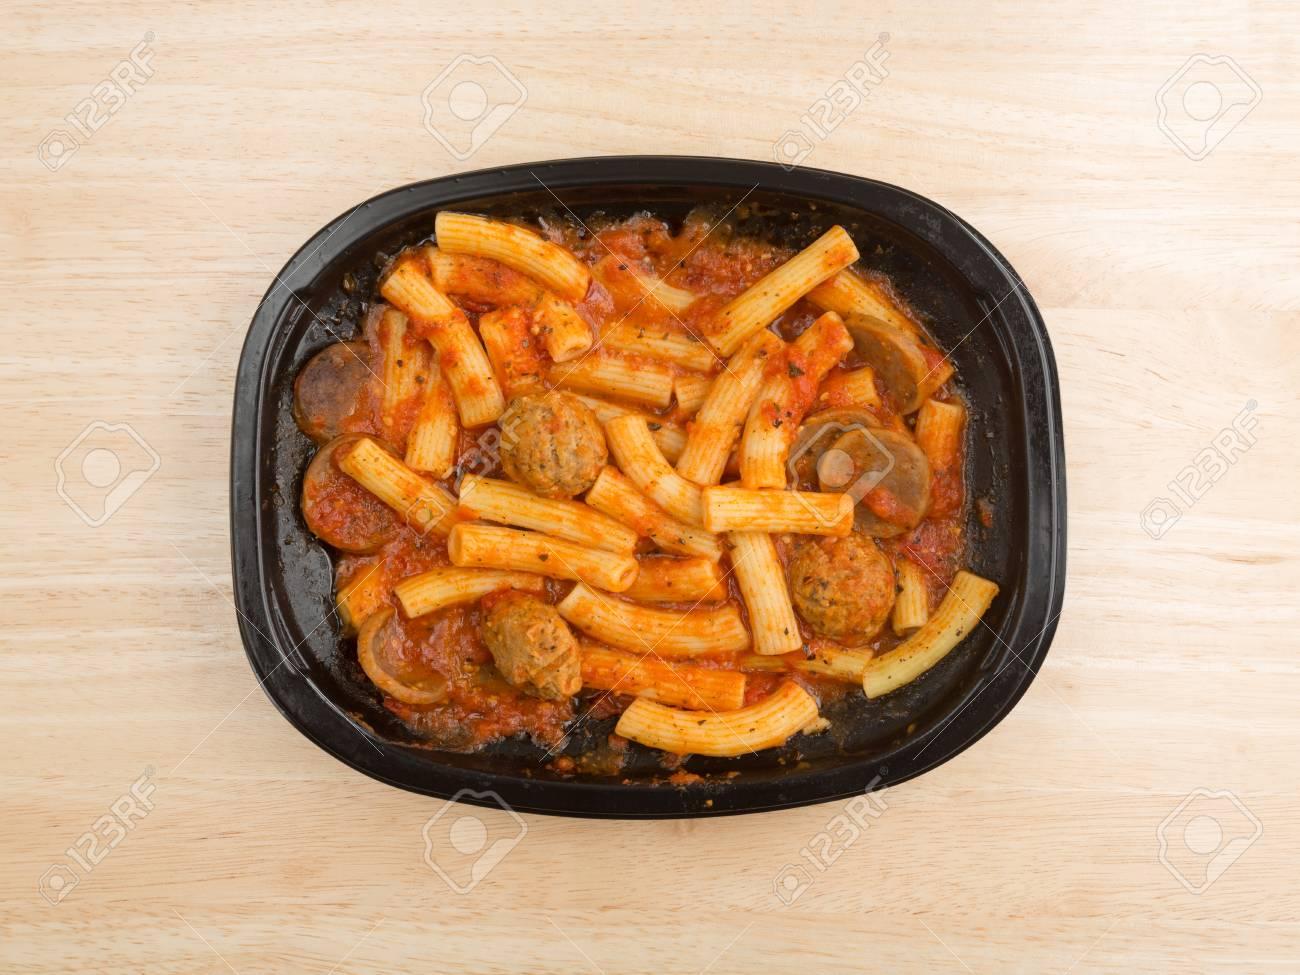 Vue De Dessus D Un Diner De Tv De Pates Rigatoni Avec Des Saucisses